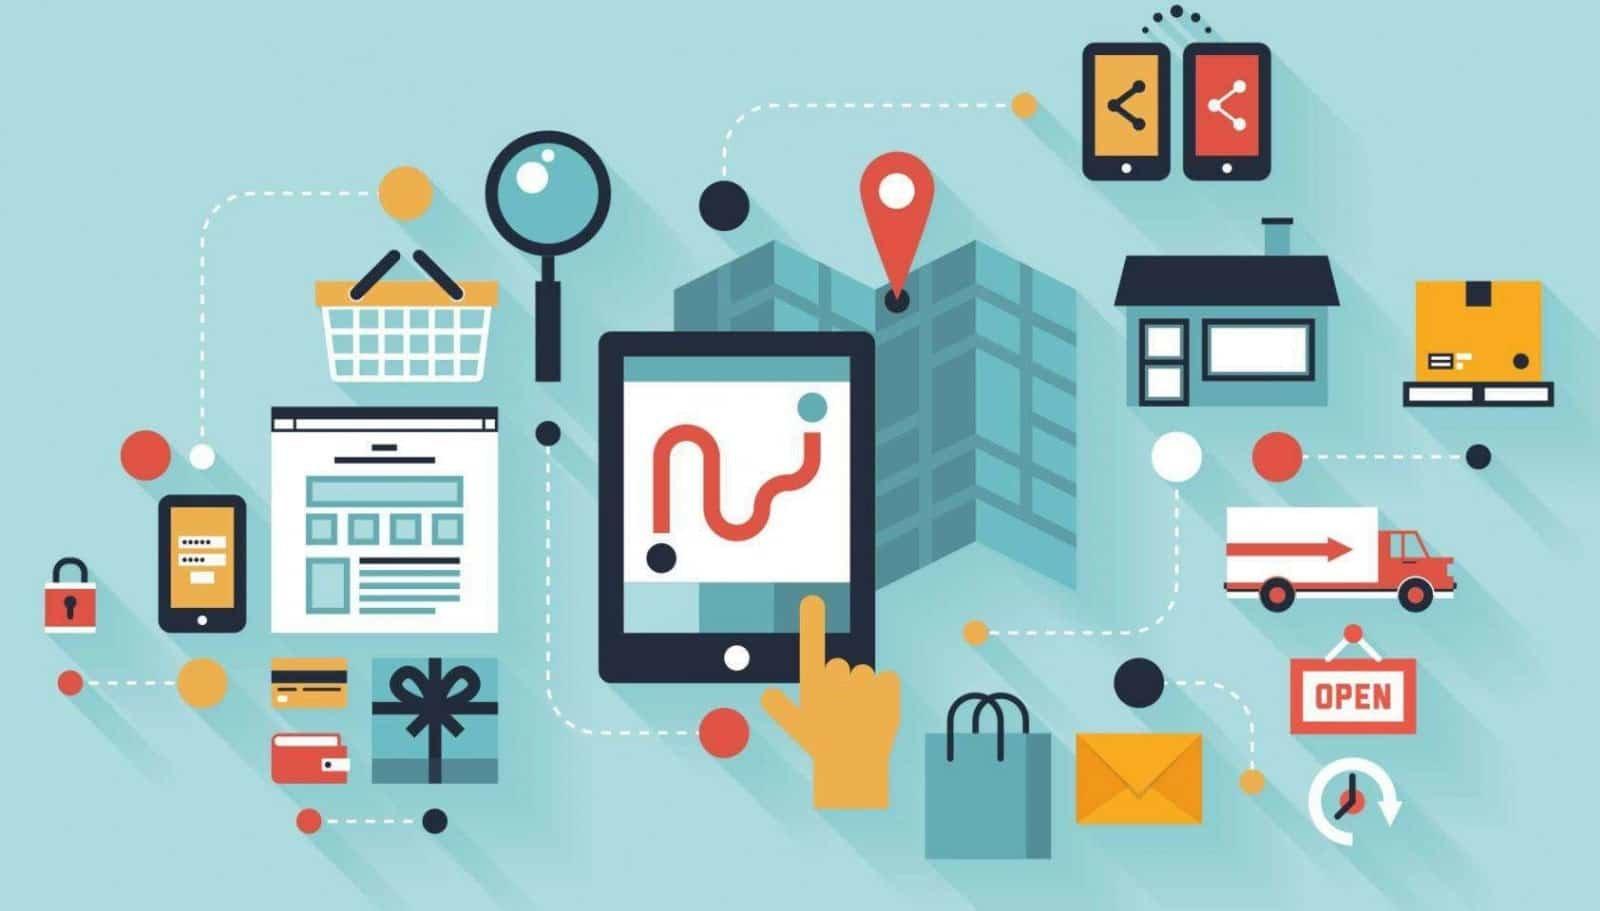 Разработка сайтов: особенности эффективного онлайн-ресурса